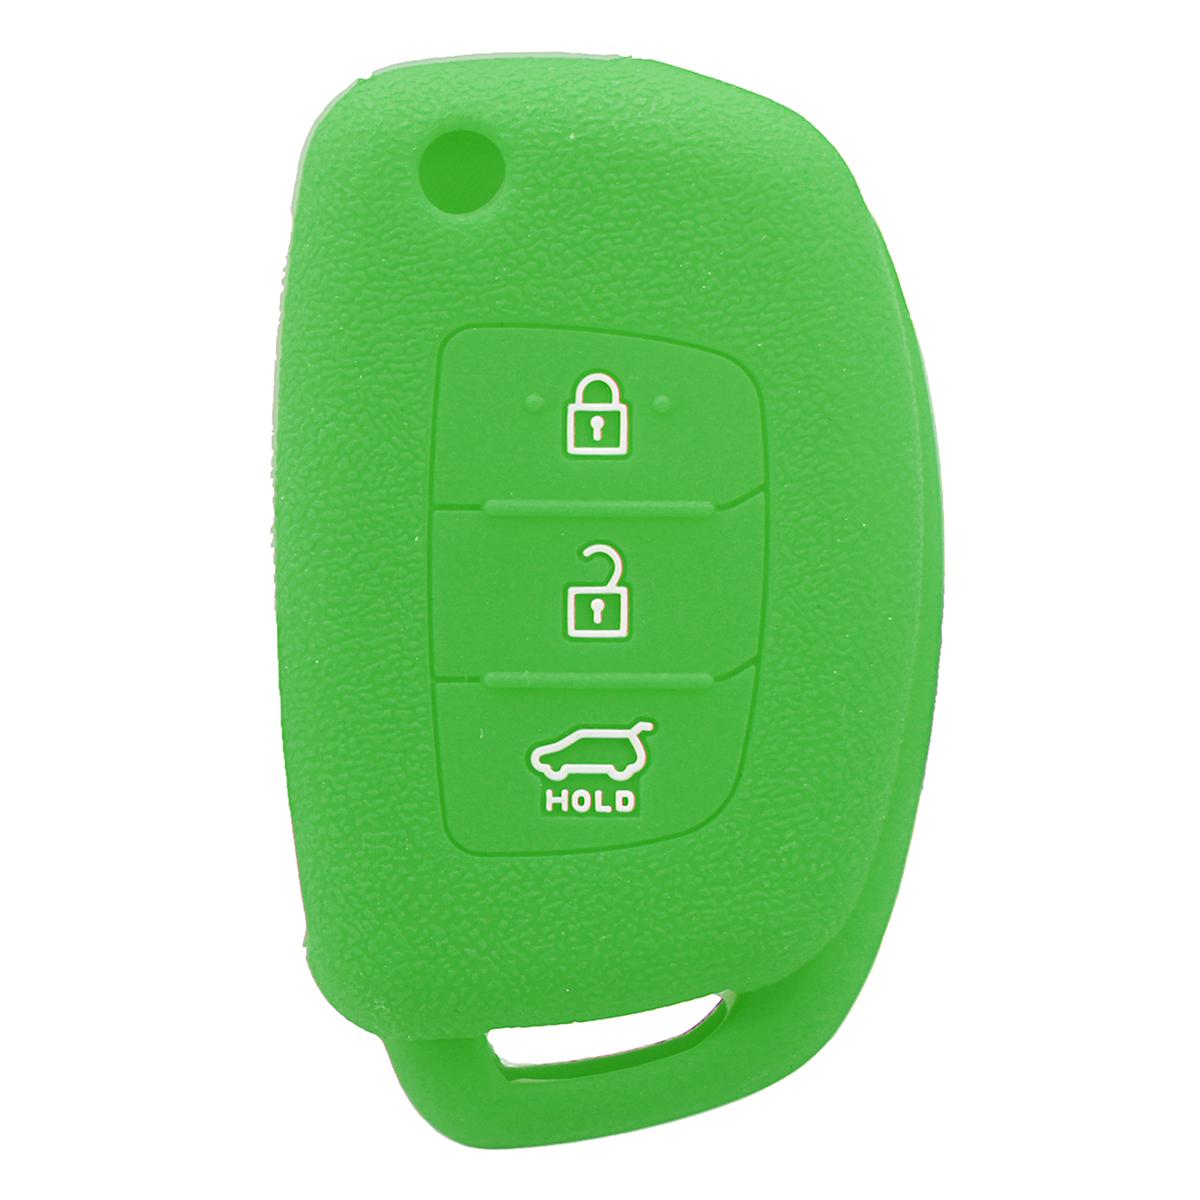 3Buttons Silicone Fob Remote Key Case Cover For Hyundai i30 IX35 Elantra Verna Tucson